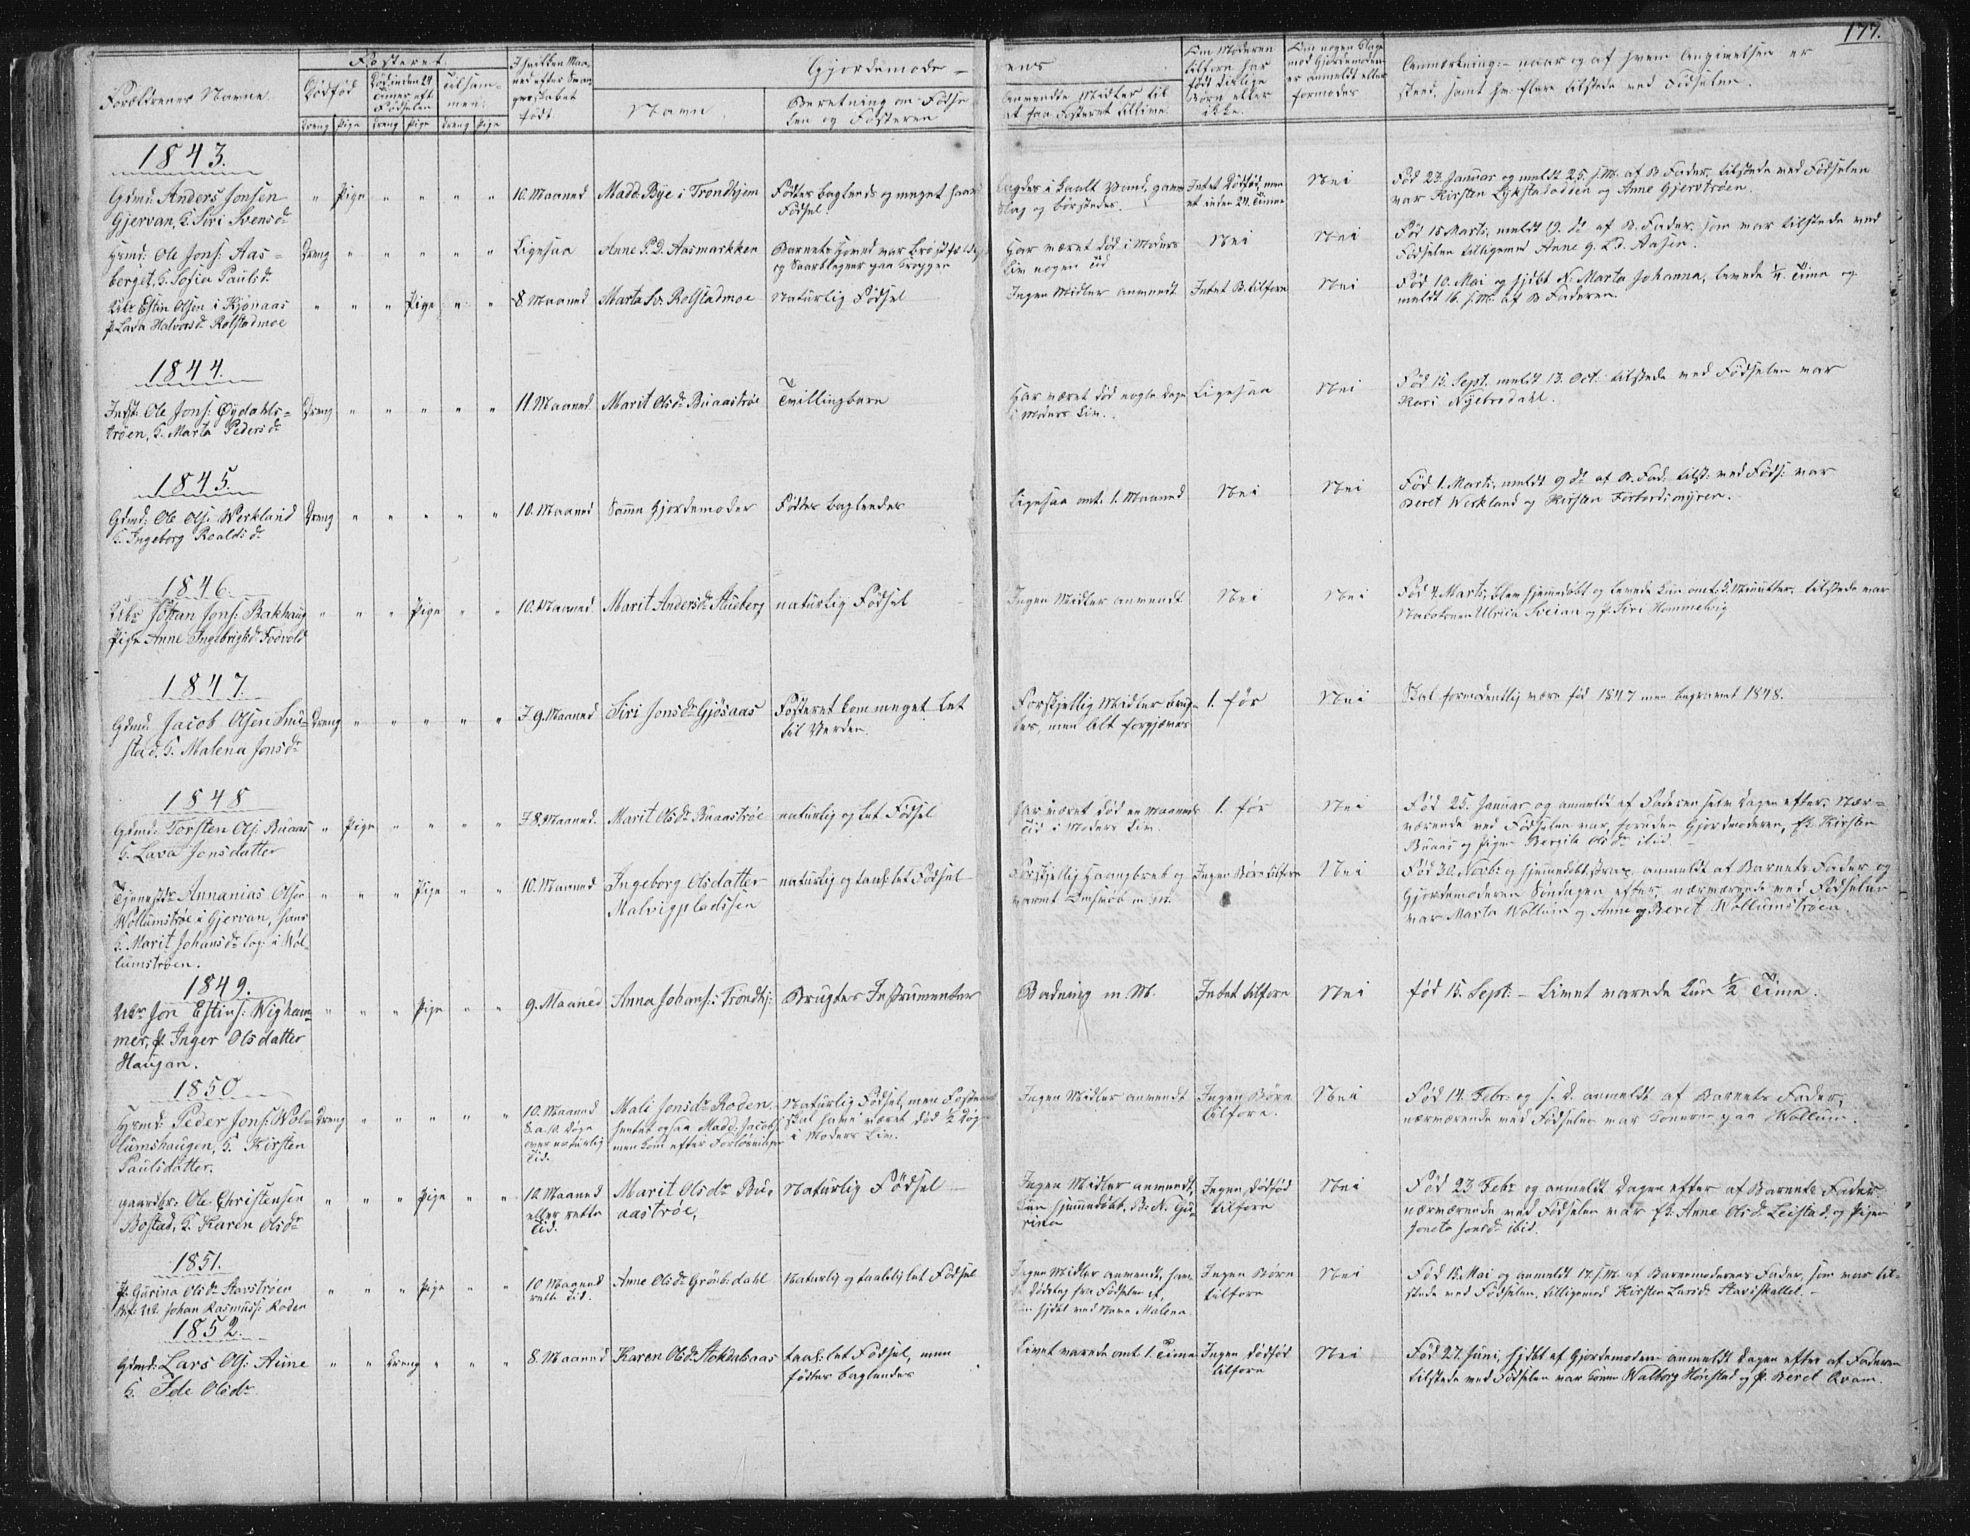 SAT, Ministerialprotokoller, klokkerbøker og fødselsregistre - Sør-Trøndelag, 616/L0406: Ministerialbok nr. 616A03, 1843-1879, s. 177